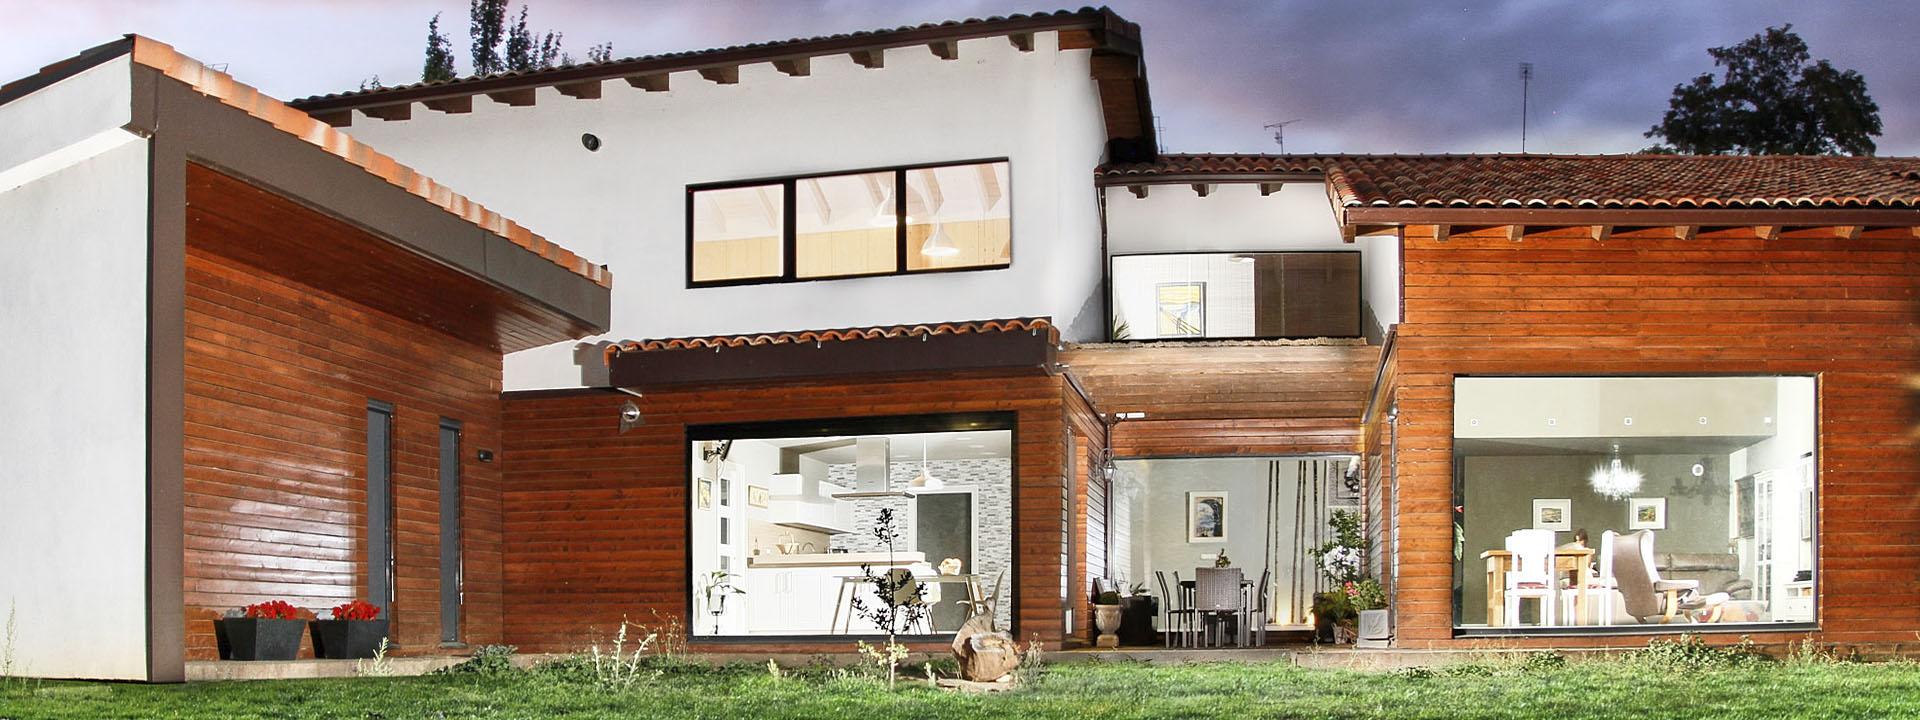 Passivhaus El Plantio Casa Pasiva